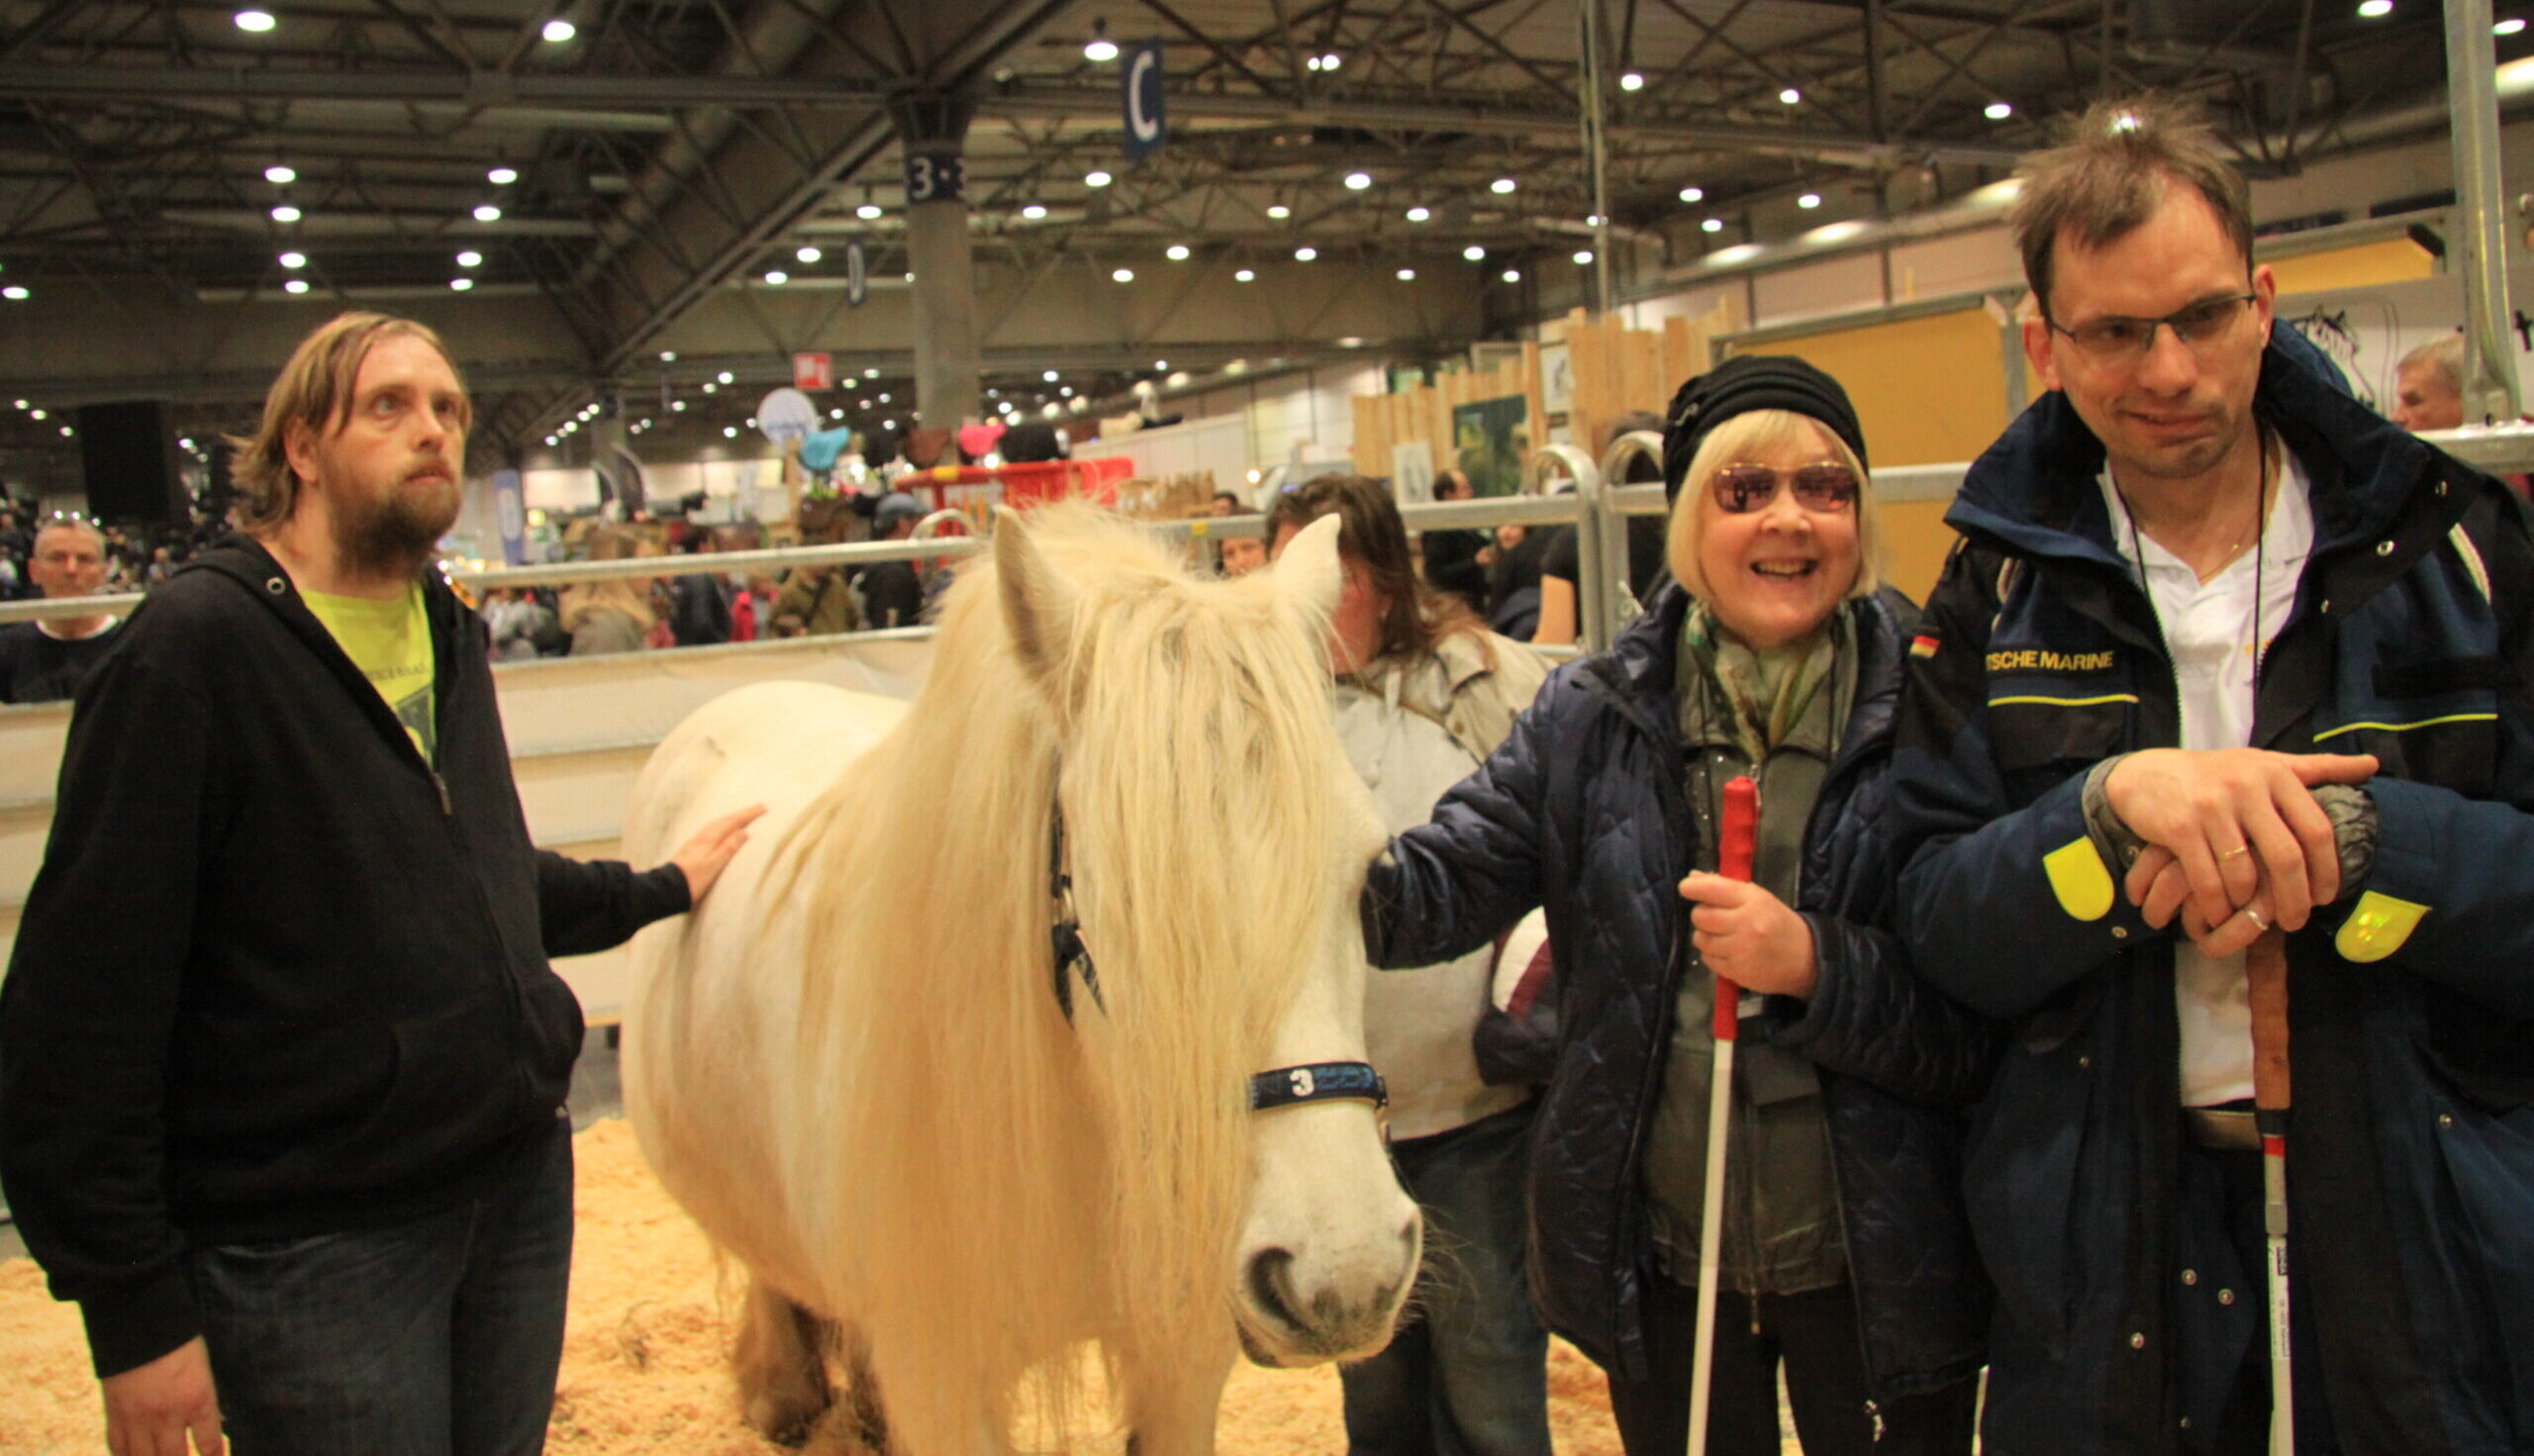 Reitsportfans: Drei Besucher der PARTNER PFERD mit einer Sehbehinderung stehen neben einem Pony. Das Pony hat eine weiße Farbe und eine lange dichte Mähne, die ihm auf einer Seite vom Kopf hängt. Zwei der Besucher haben eine Hand auf den Rücken des Ponys gelegt, Foto: Kati Lomb.